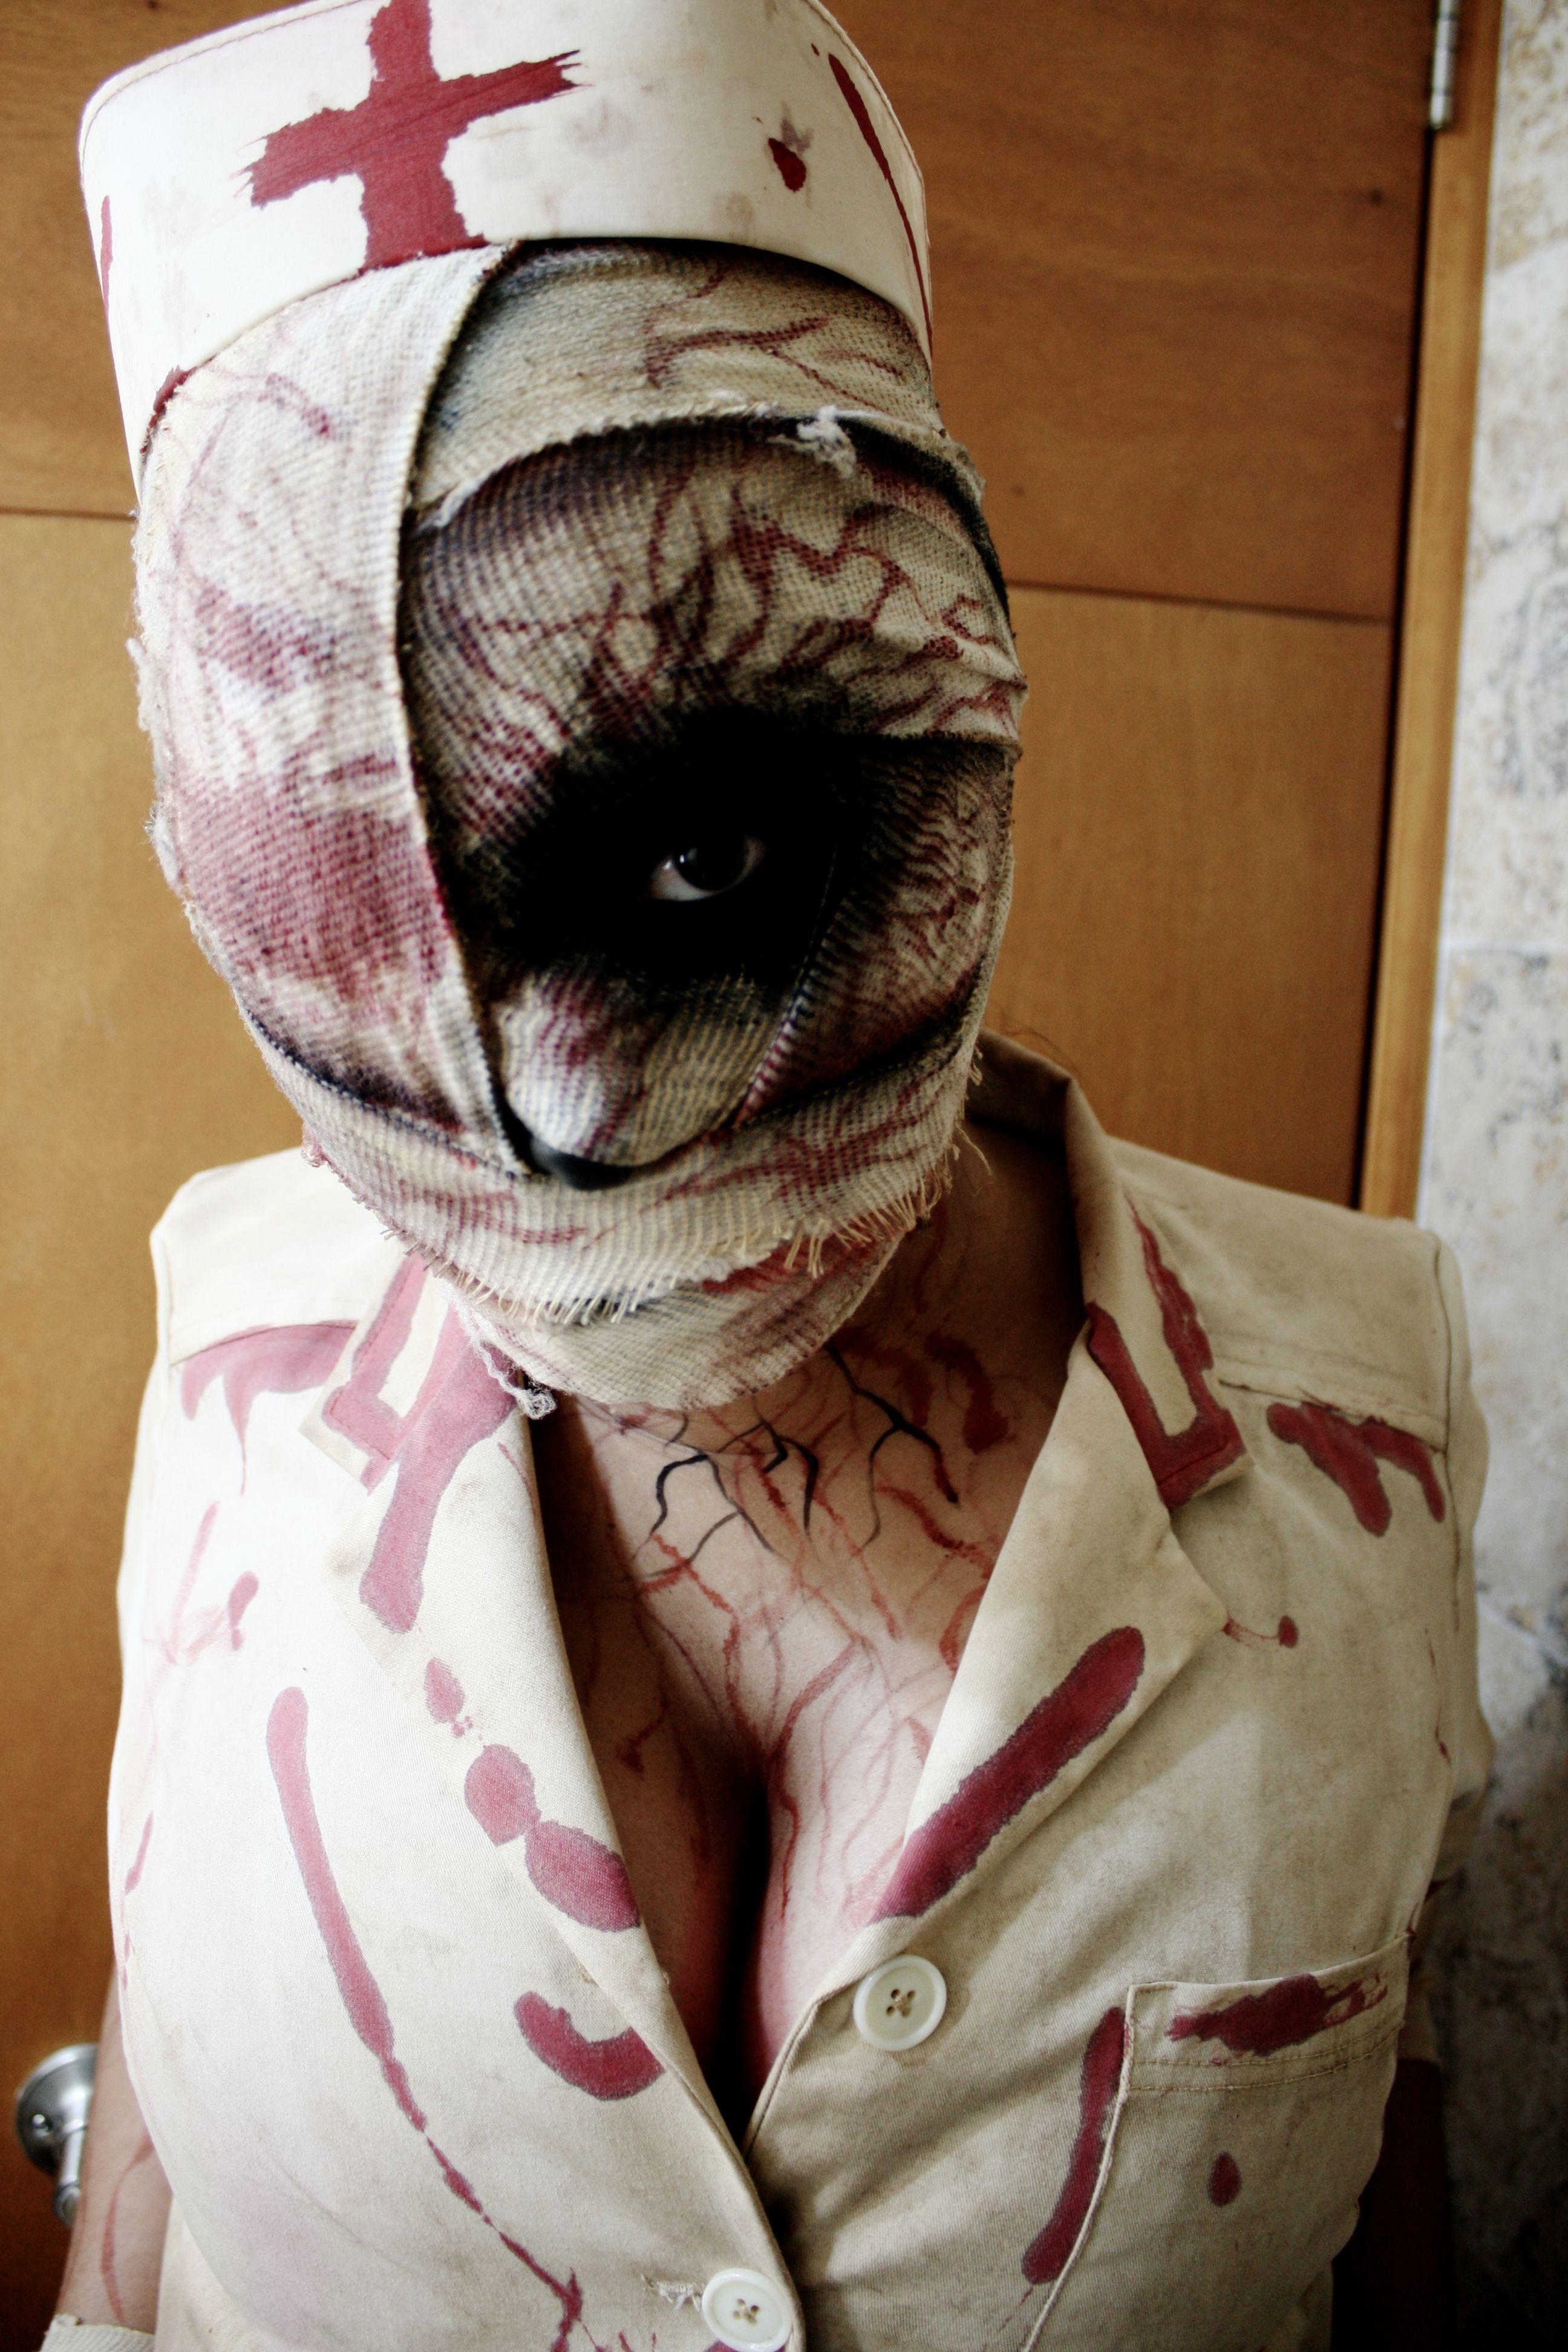 0a4155a0c2960 Silent Hill Halloween Costume & DIY Halloween - Silent Hill Nurse ...